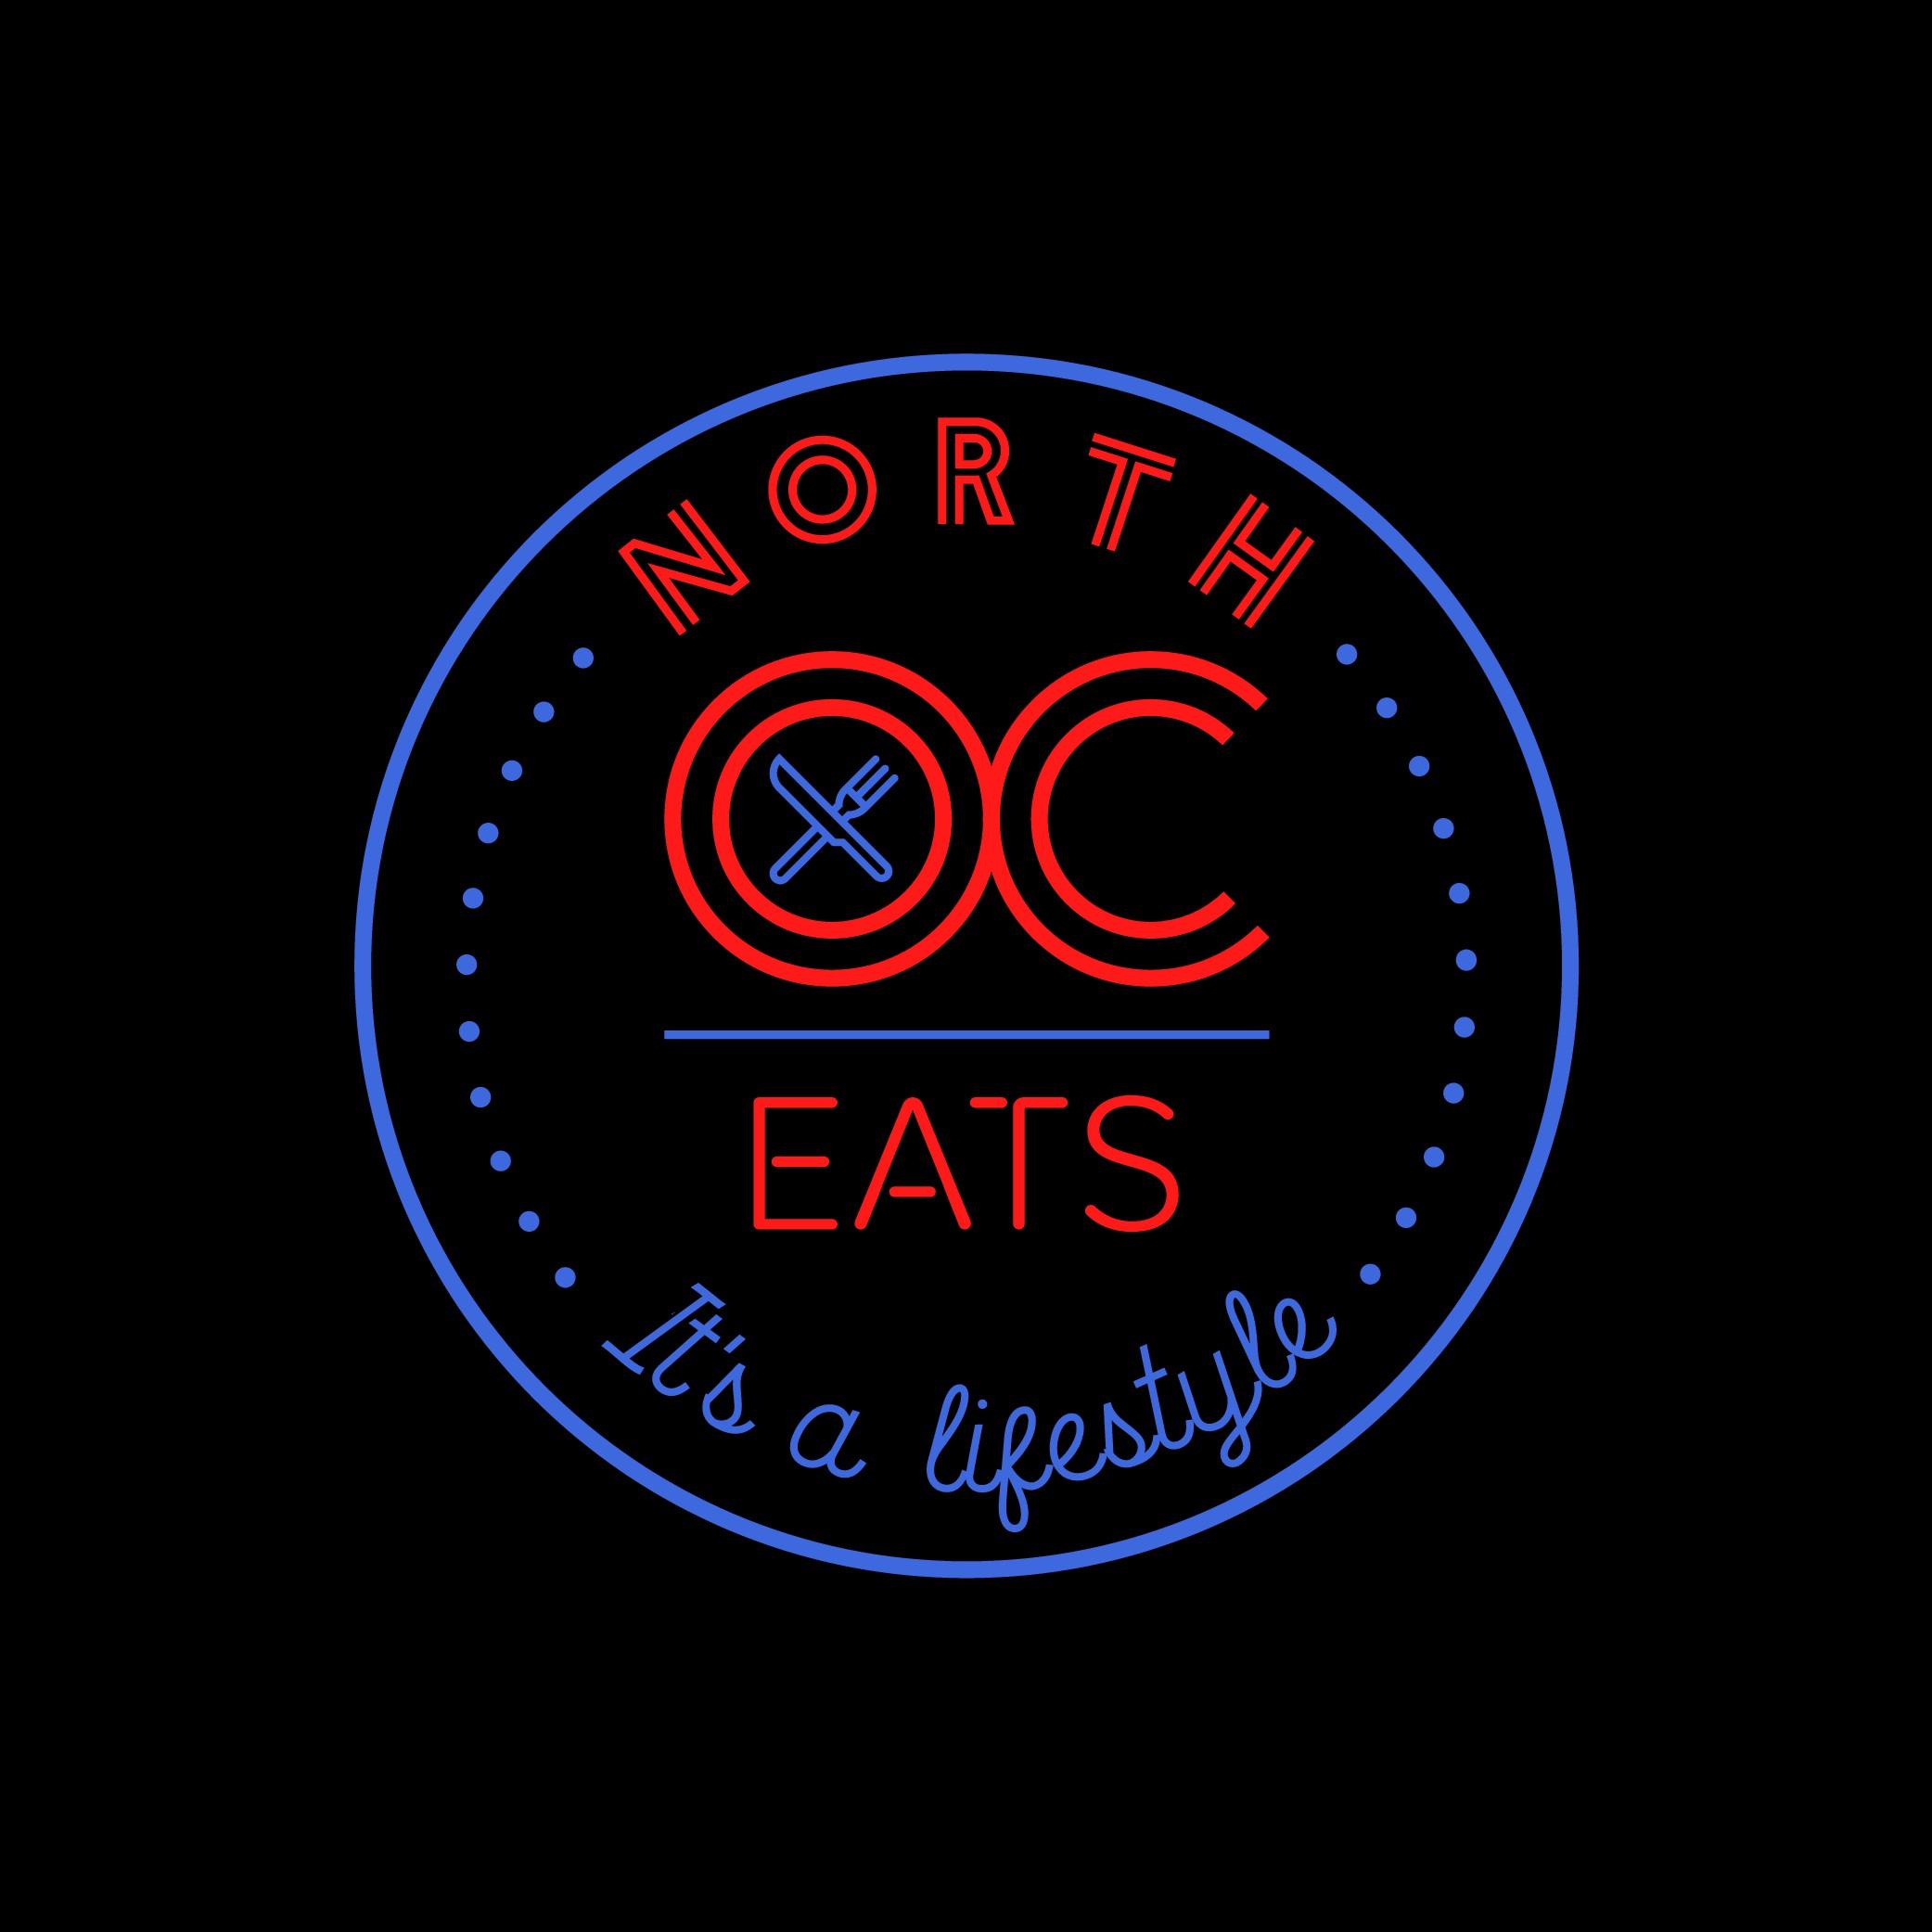 North OC Eats food show logo!